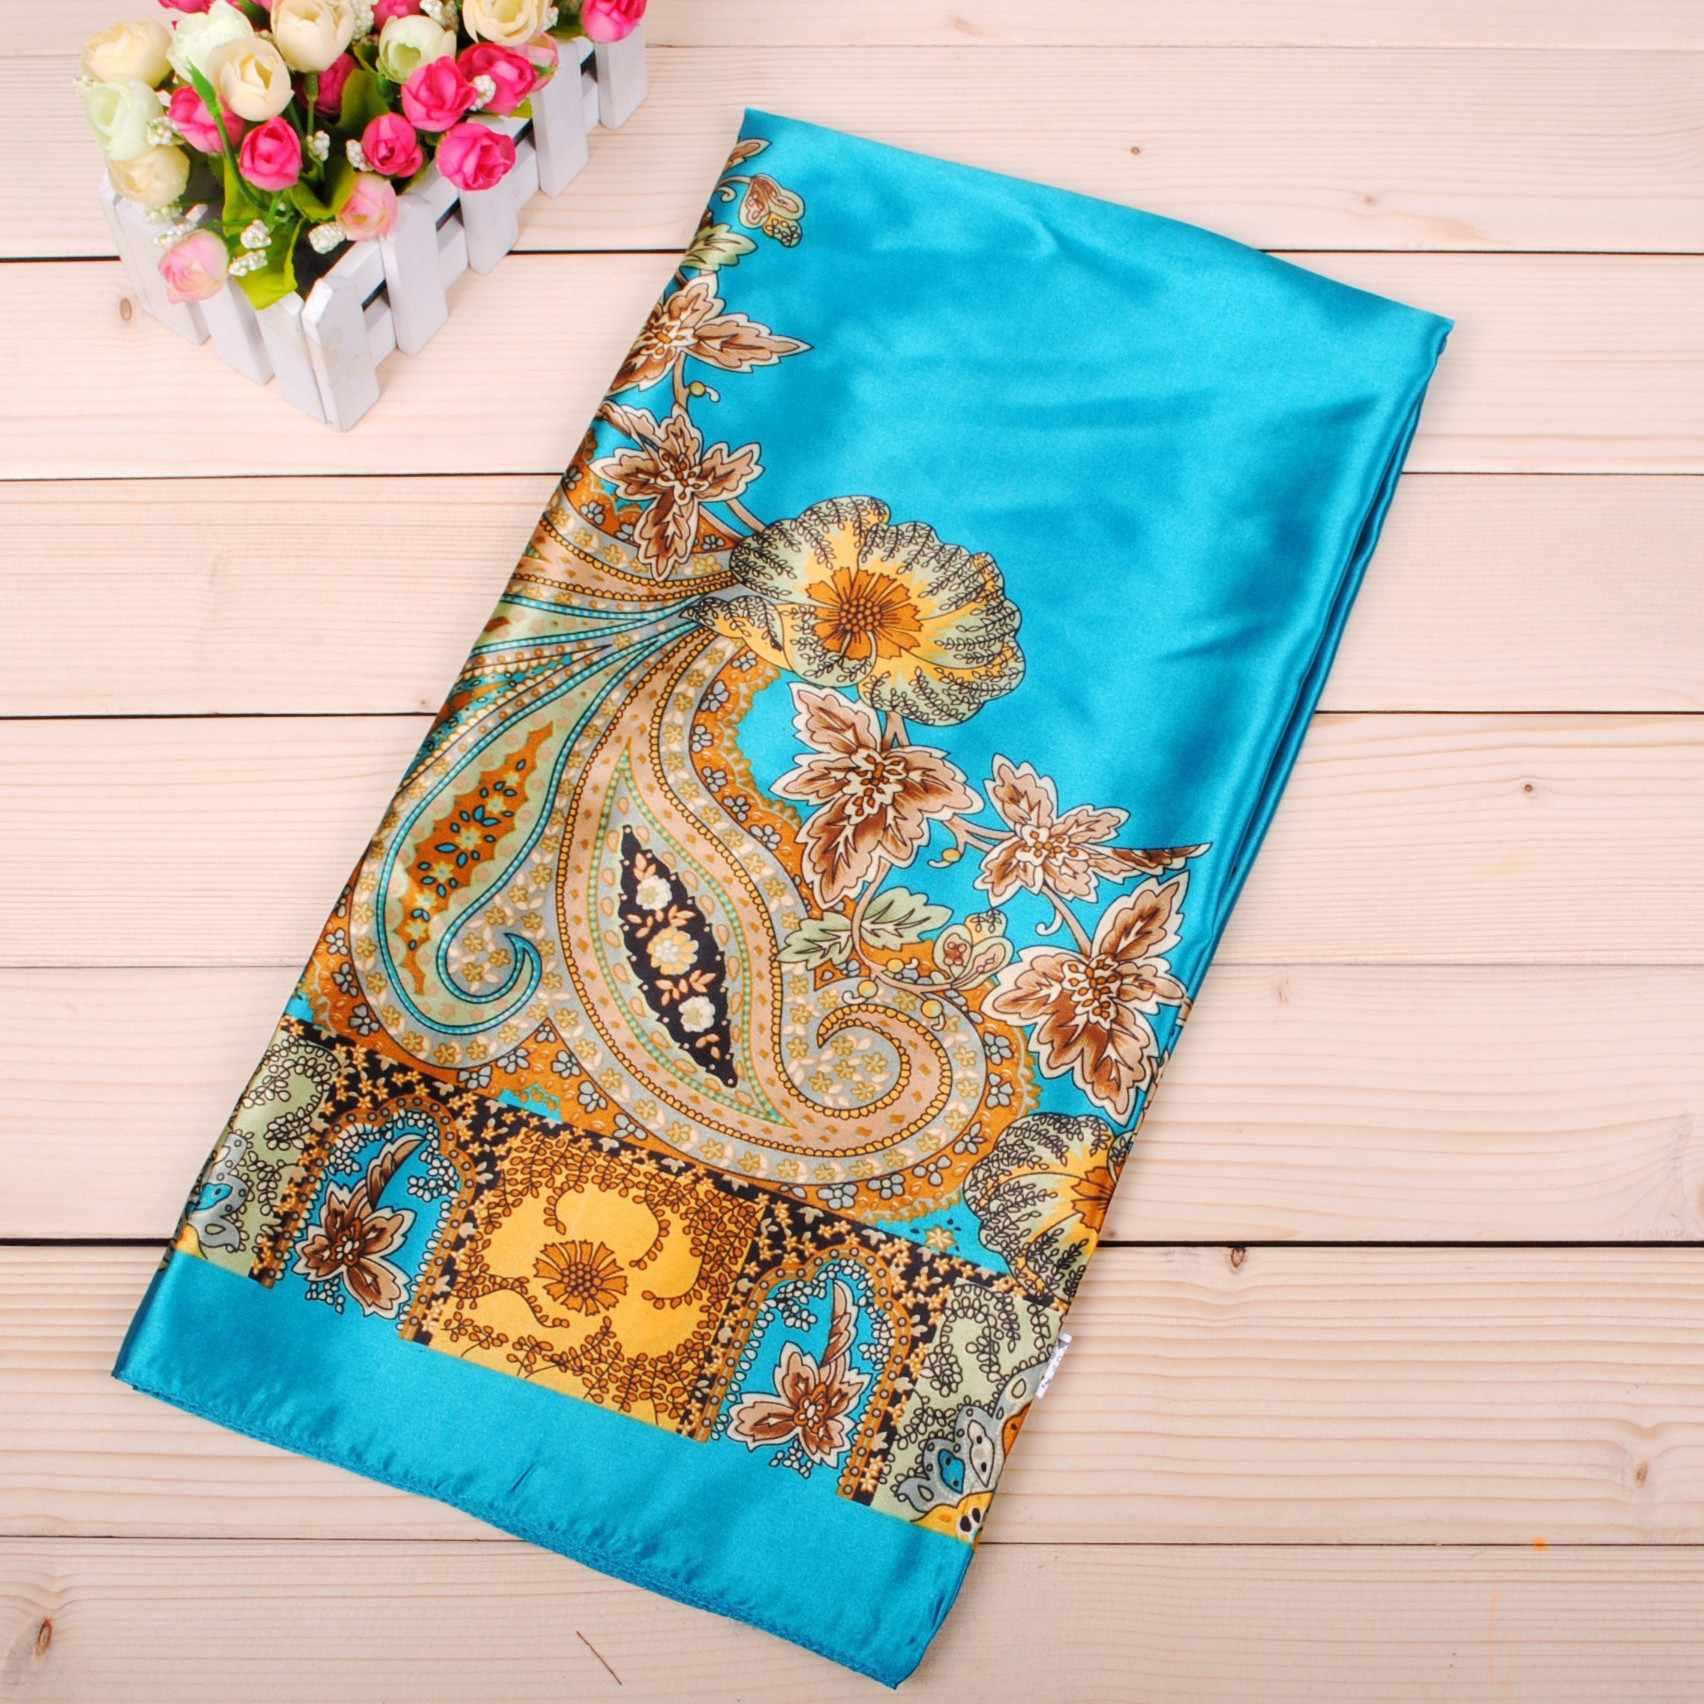 Grande Sciarpa del Hijab Per Le Donne Del Fiore Della Stampa Raso di Seta Testa Sciarpe Femminile 90*90cm di Modo Fazzoletto Scialle Quadrato sciarpe Per Le Signore